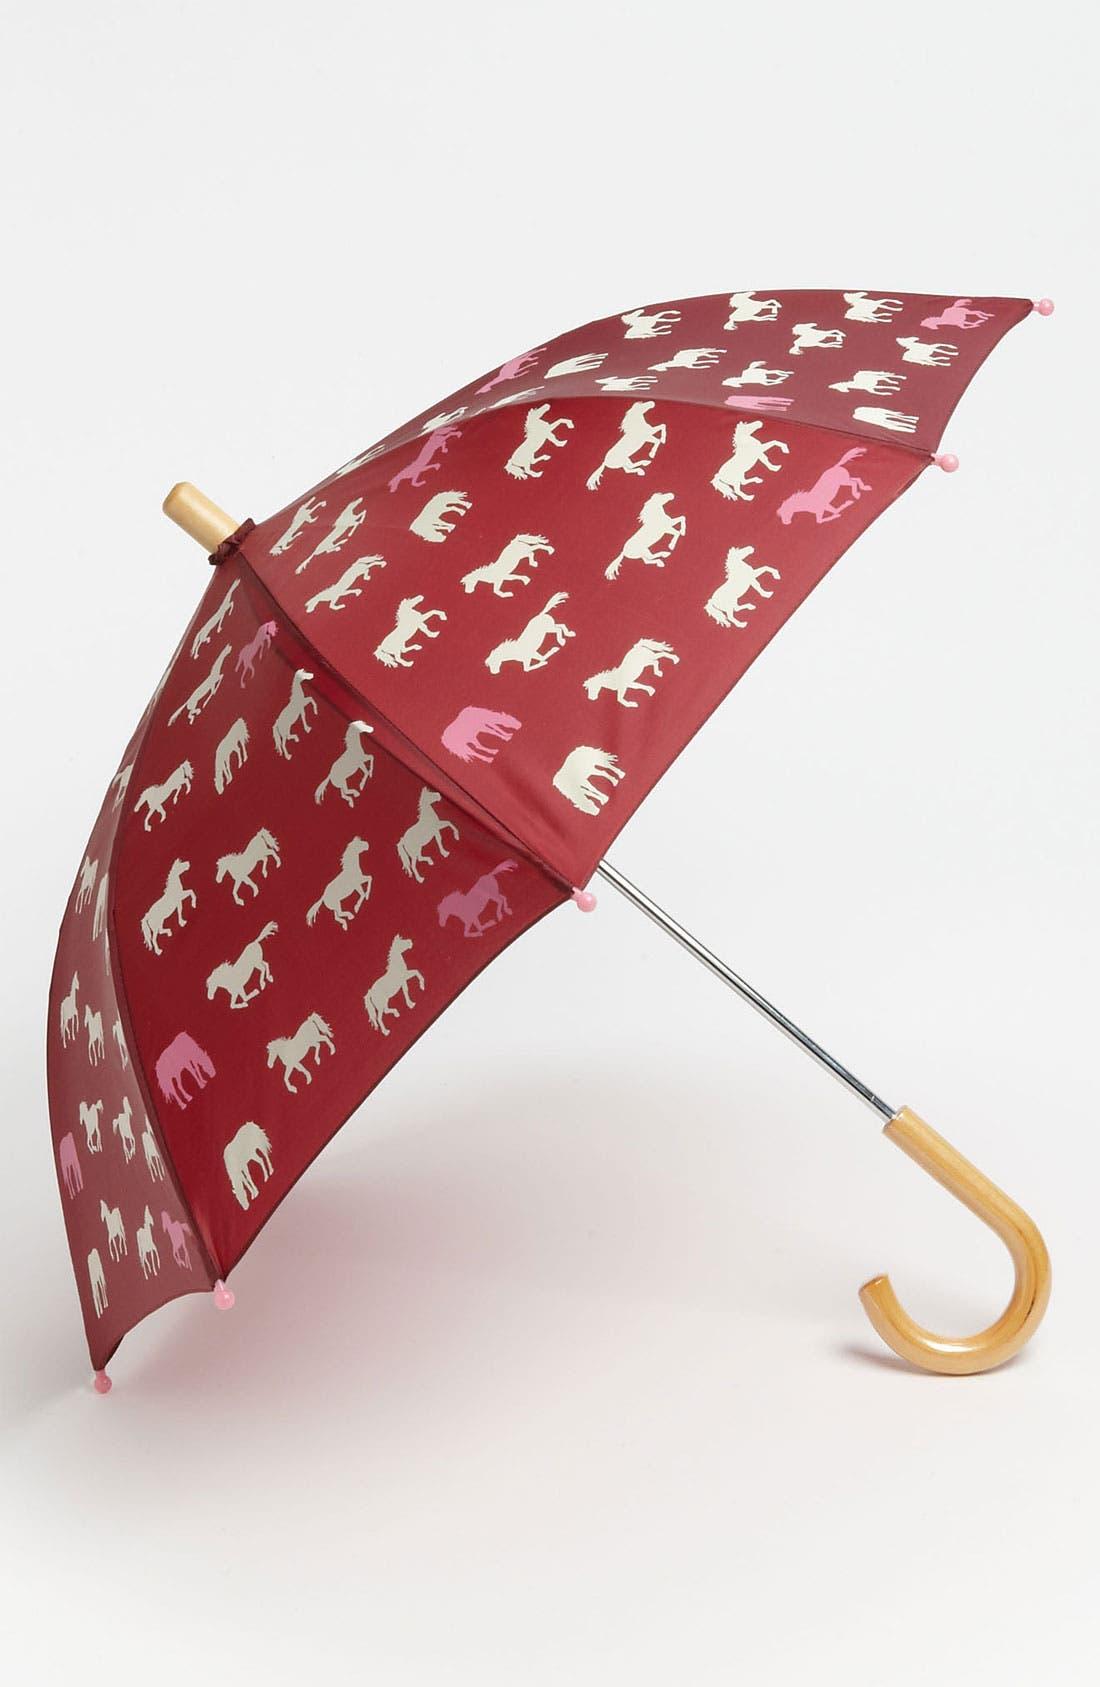 Main Image - Hatley 'Pretty Horses' Umbrella